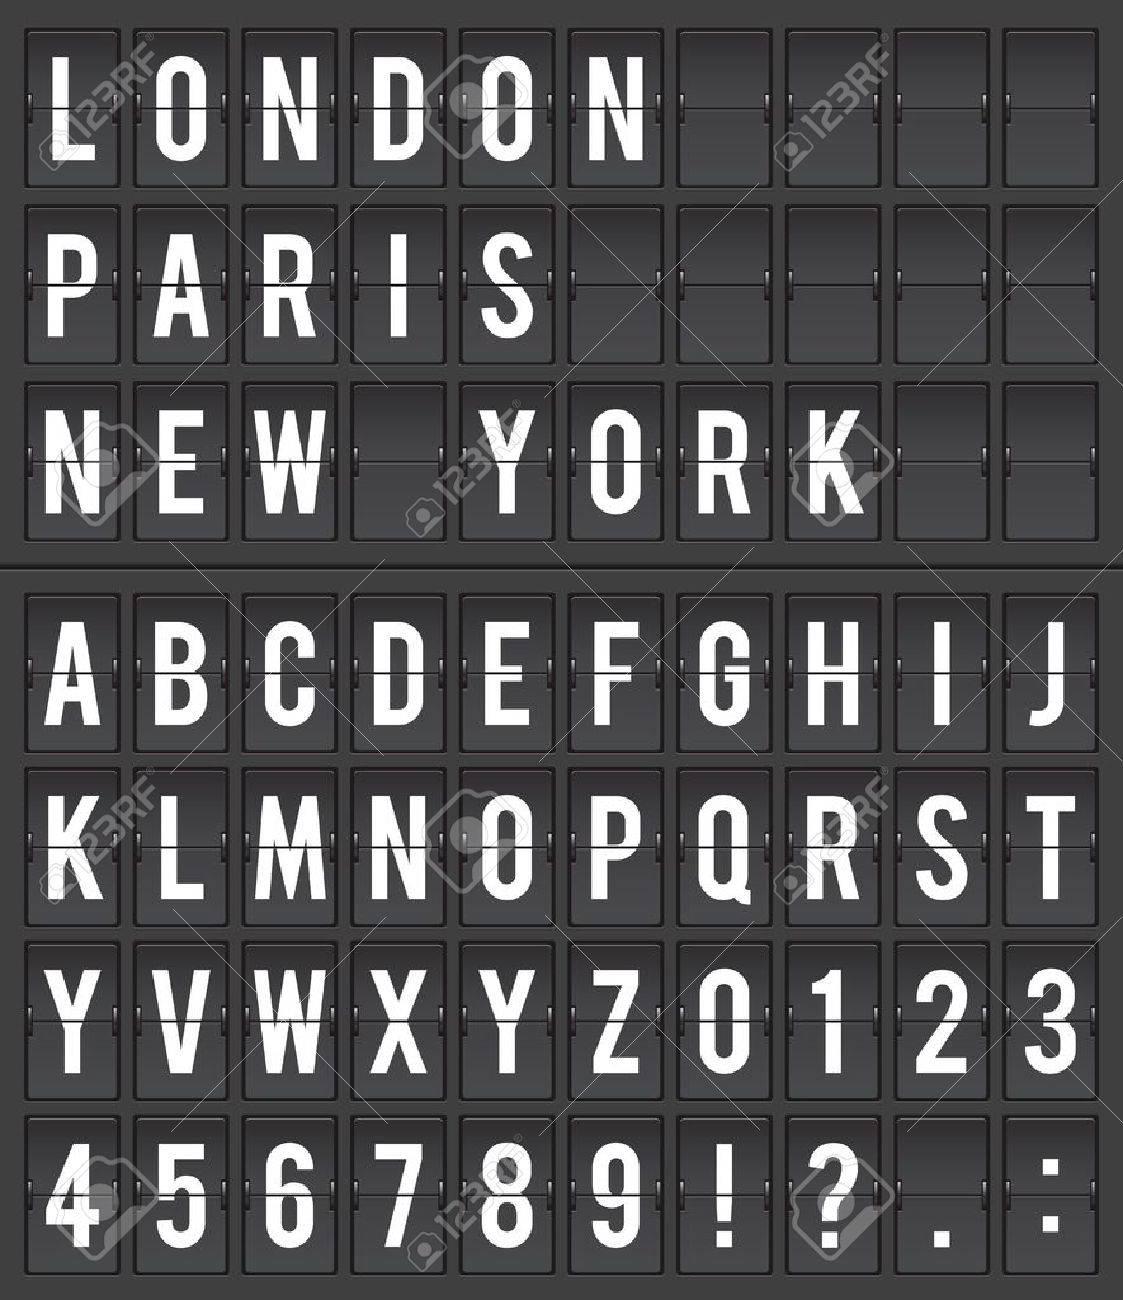 Flight destination information display board vector illustration - 17881407